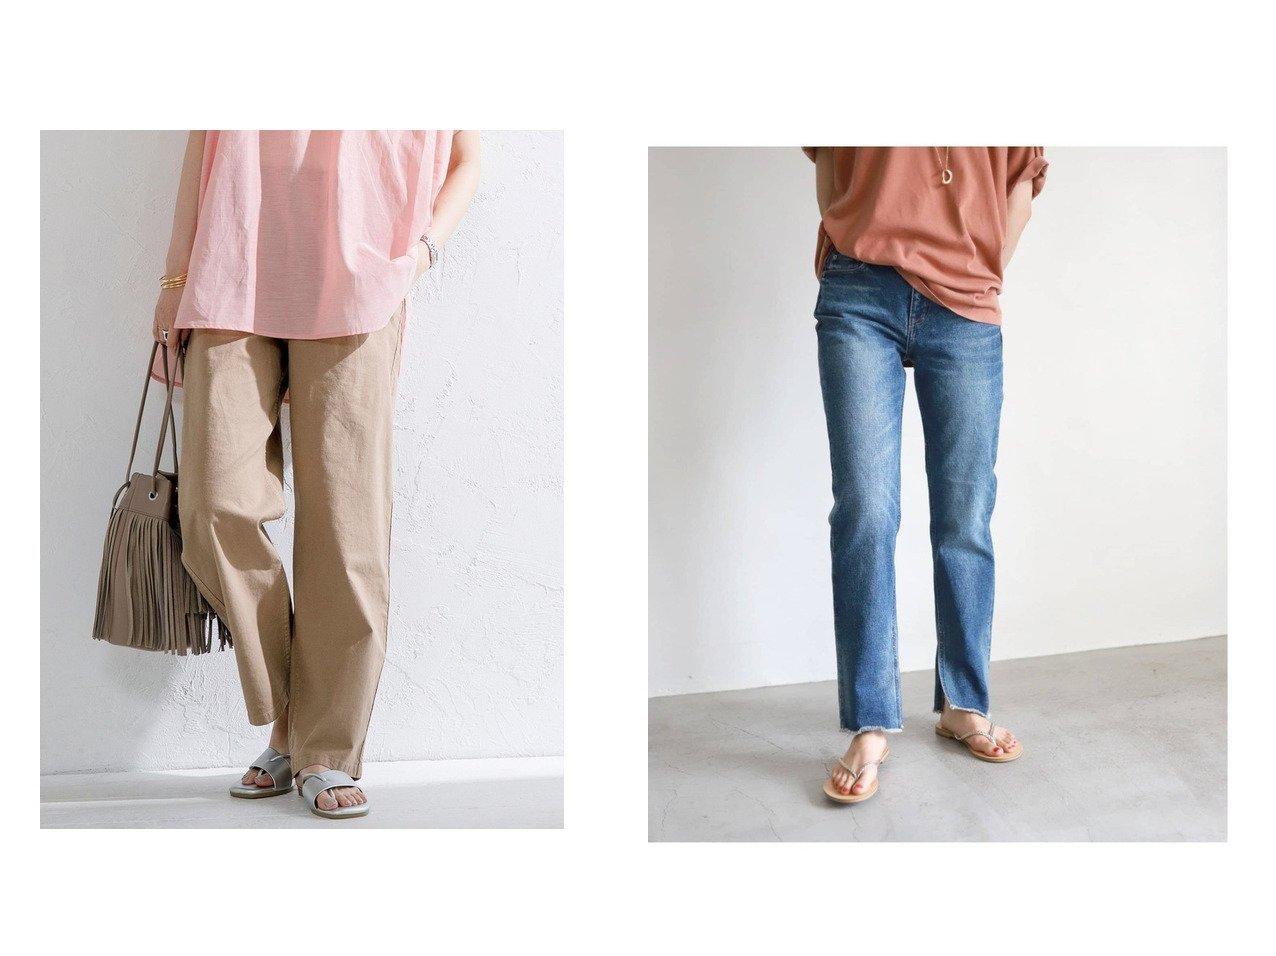 【COEN/コーエン】のカバーポケットパンツ&【SLOBE IENA/スローブ イエナ】の【Healthy denim】CITRUS SLIT ストレートスリットデニムパンツ 【パンツ】おすすめ!人気、トレンド・レディースファッションの通販 おすすめで人気の流行・トレンド、ファッションの通販商品 インテリア・家具・メンズファッション・キッズファッション・レディースファッション・服の通販 founy(ファニー) https://founy.com/ ファッション Fashion レディースファッション WOMEN パンツ Pants デニムパンツ Denim Pants ジーンズ ストレート スリット デニム 定番 Standard ロング A/W・秋冬 AW・Autumn/Winter・FW・Fall-Winter 2021年 2021 2021-2022秋冬・A/W AW・Autumn/Winter・FW・Fall-Winter・2021-2022 サンダル ストレッチ ベーシック ポケット S/S・春夏 SS・Spring/Summer 2021春夏・S/S SS/Spring/Summer/2021 おすすめ Recommend 夏 Summer |ID:crp329100000057982